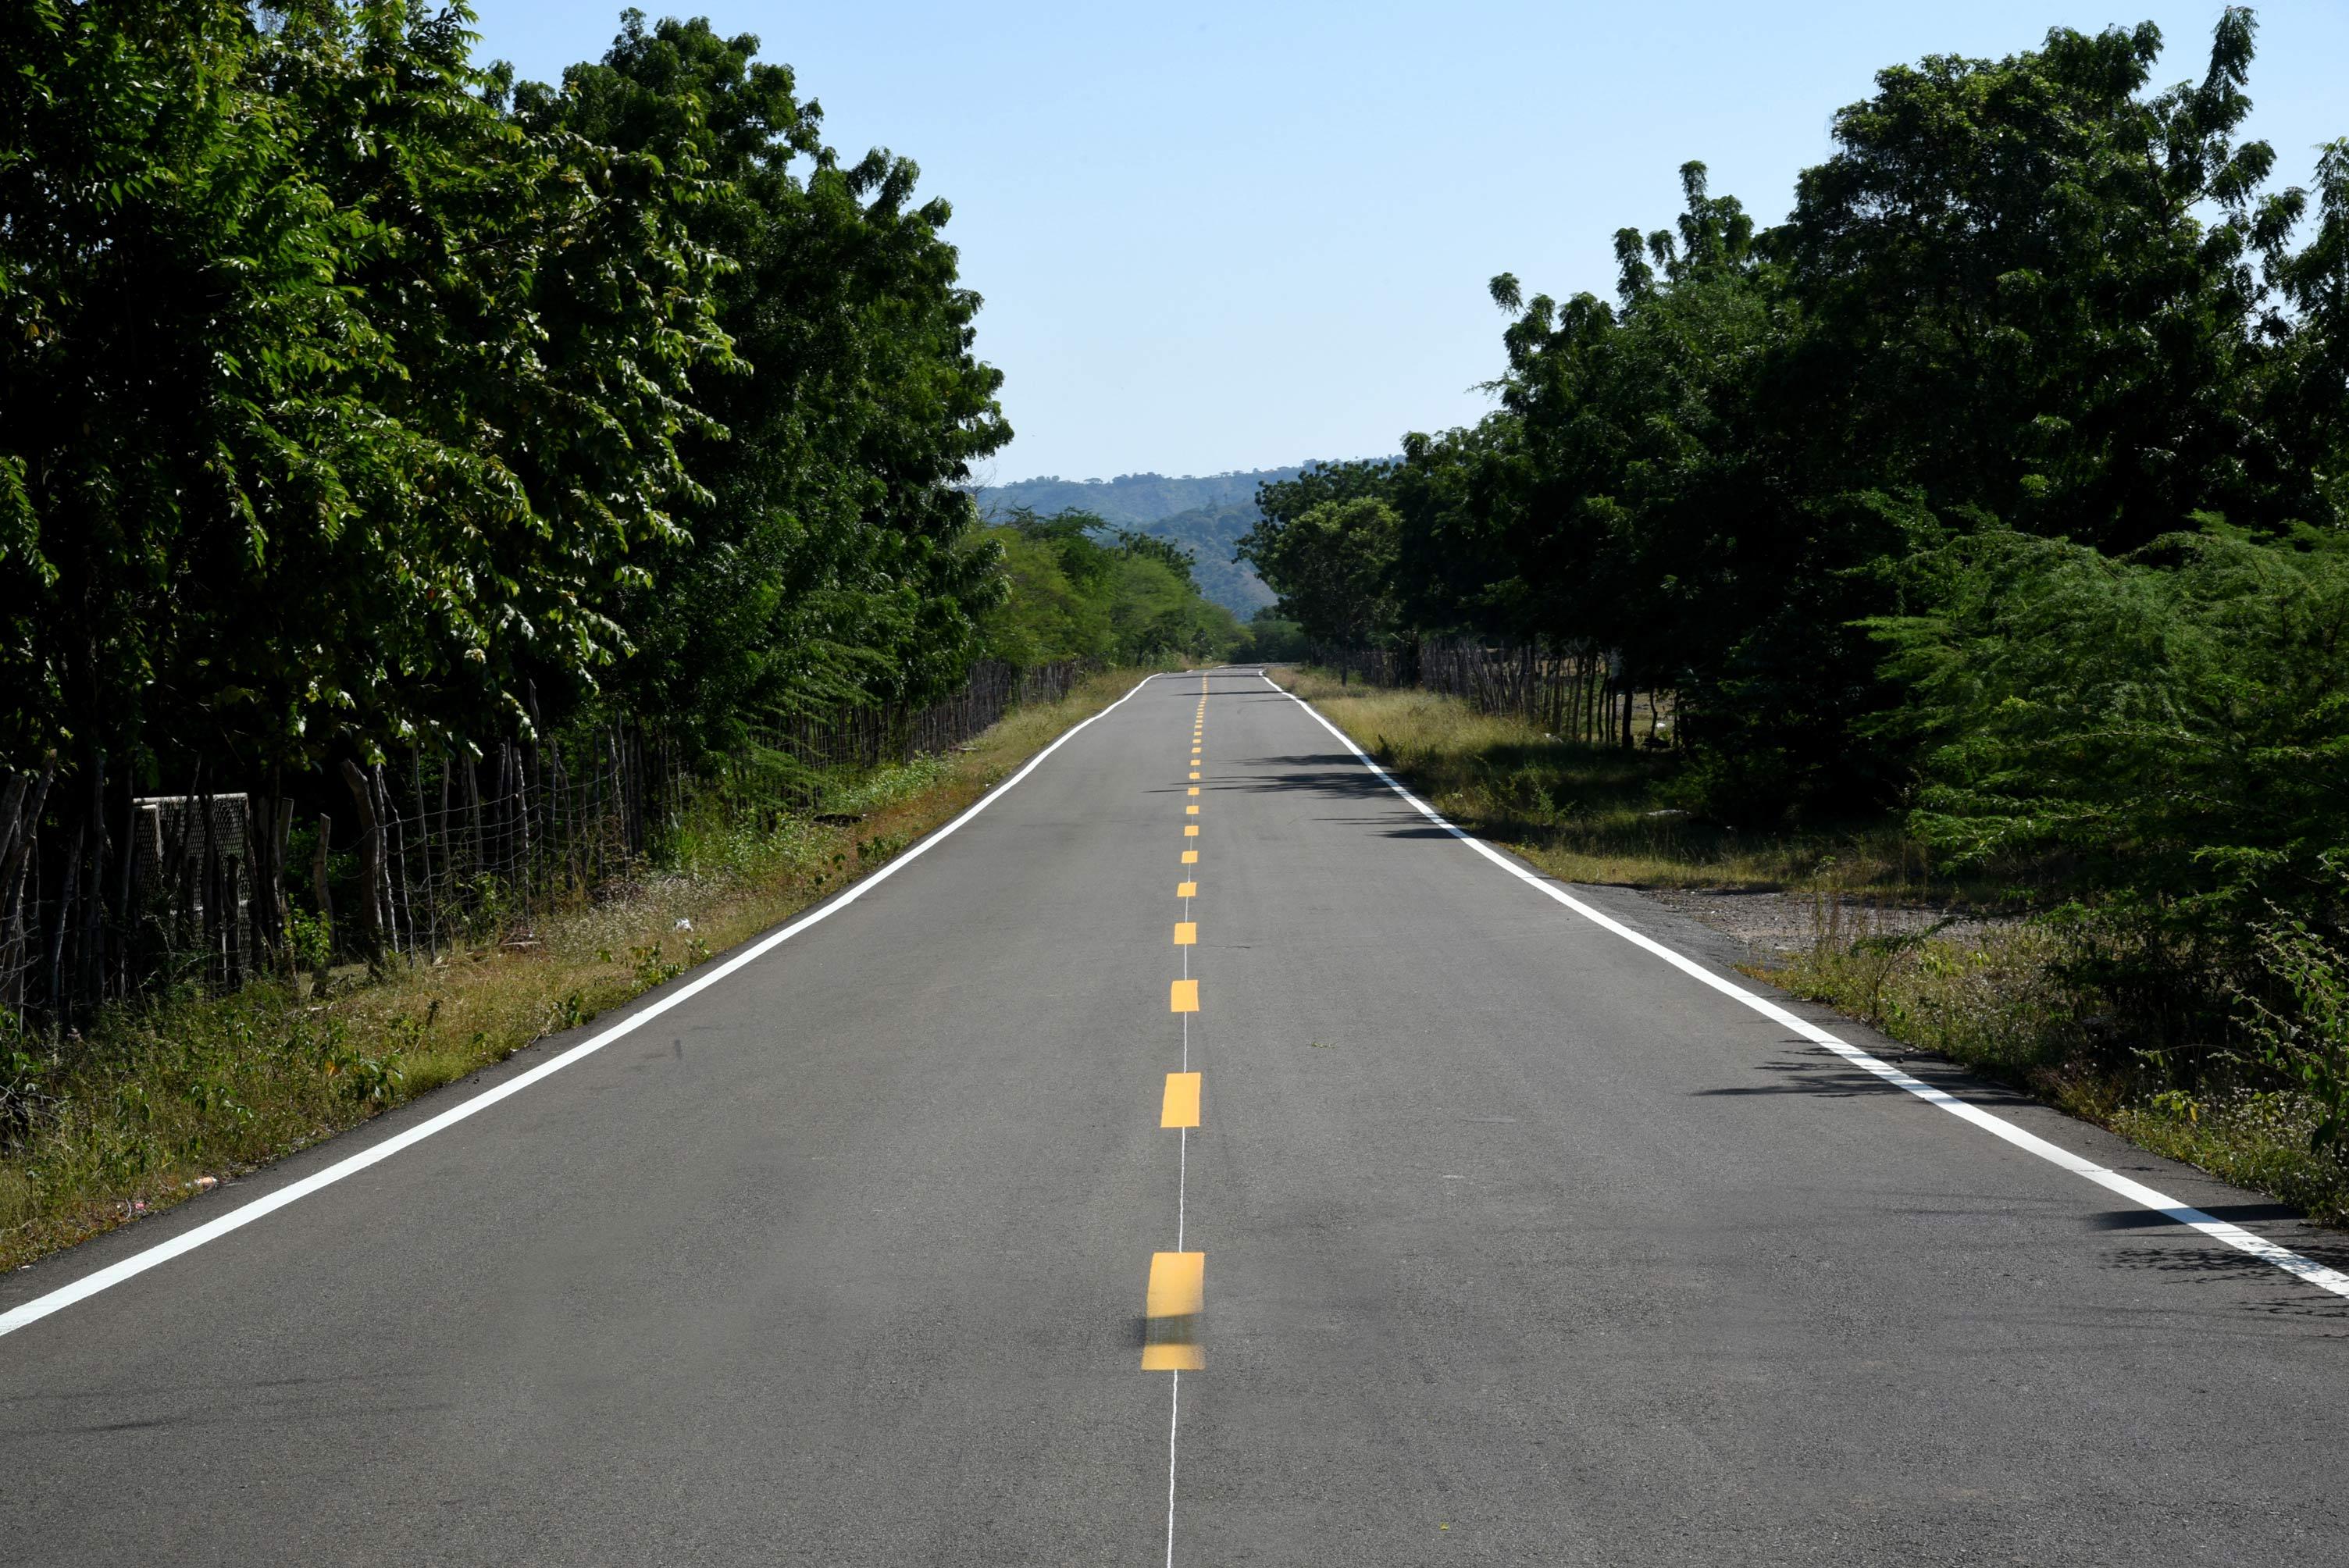 Terminan construcción de varias carreteras en Línea Noroeste